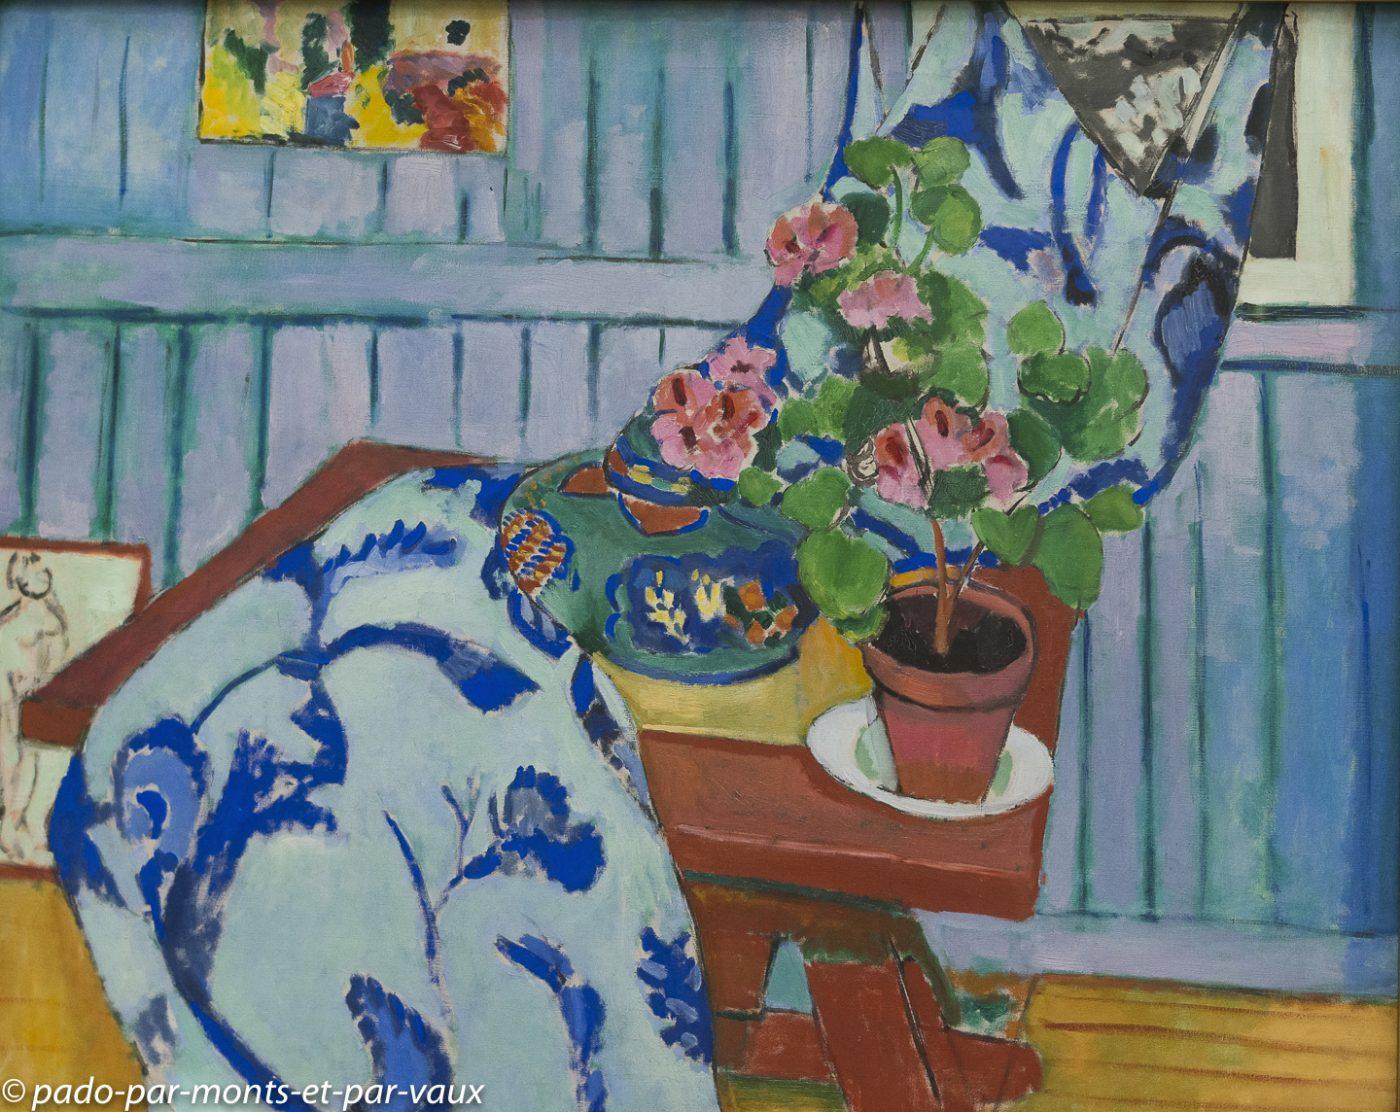 Munich pinacothèque d'art moderne - Matisse